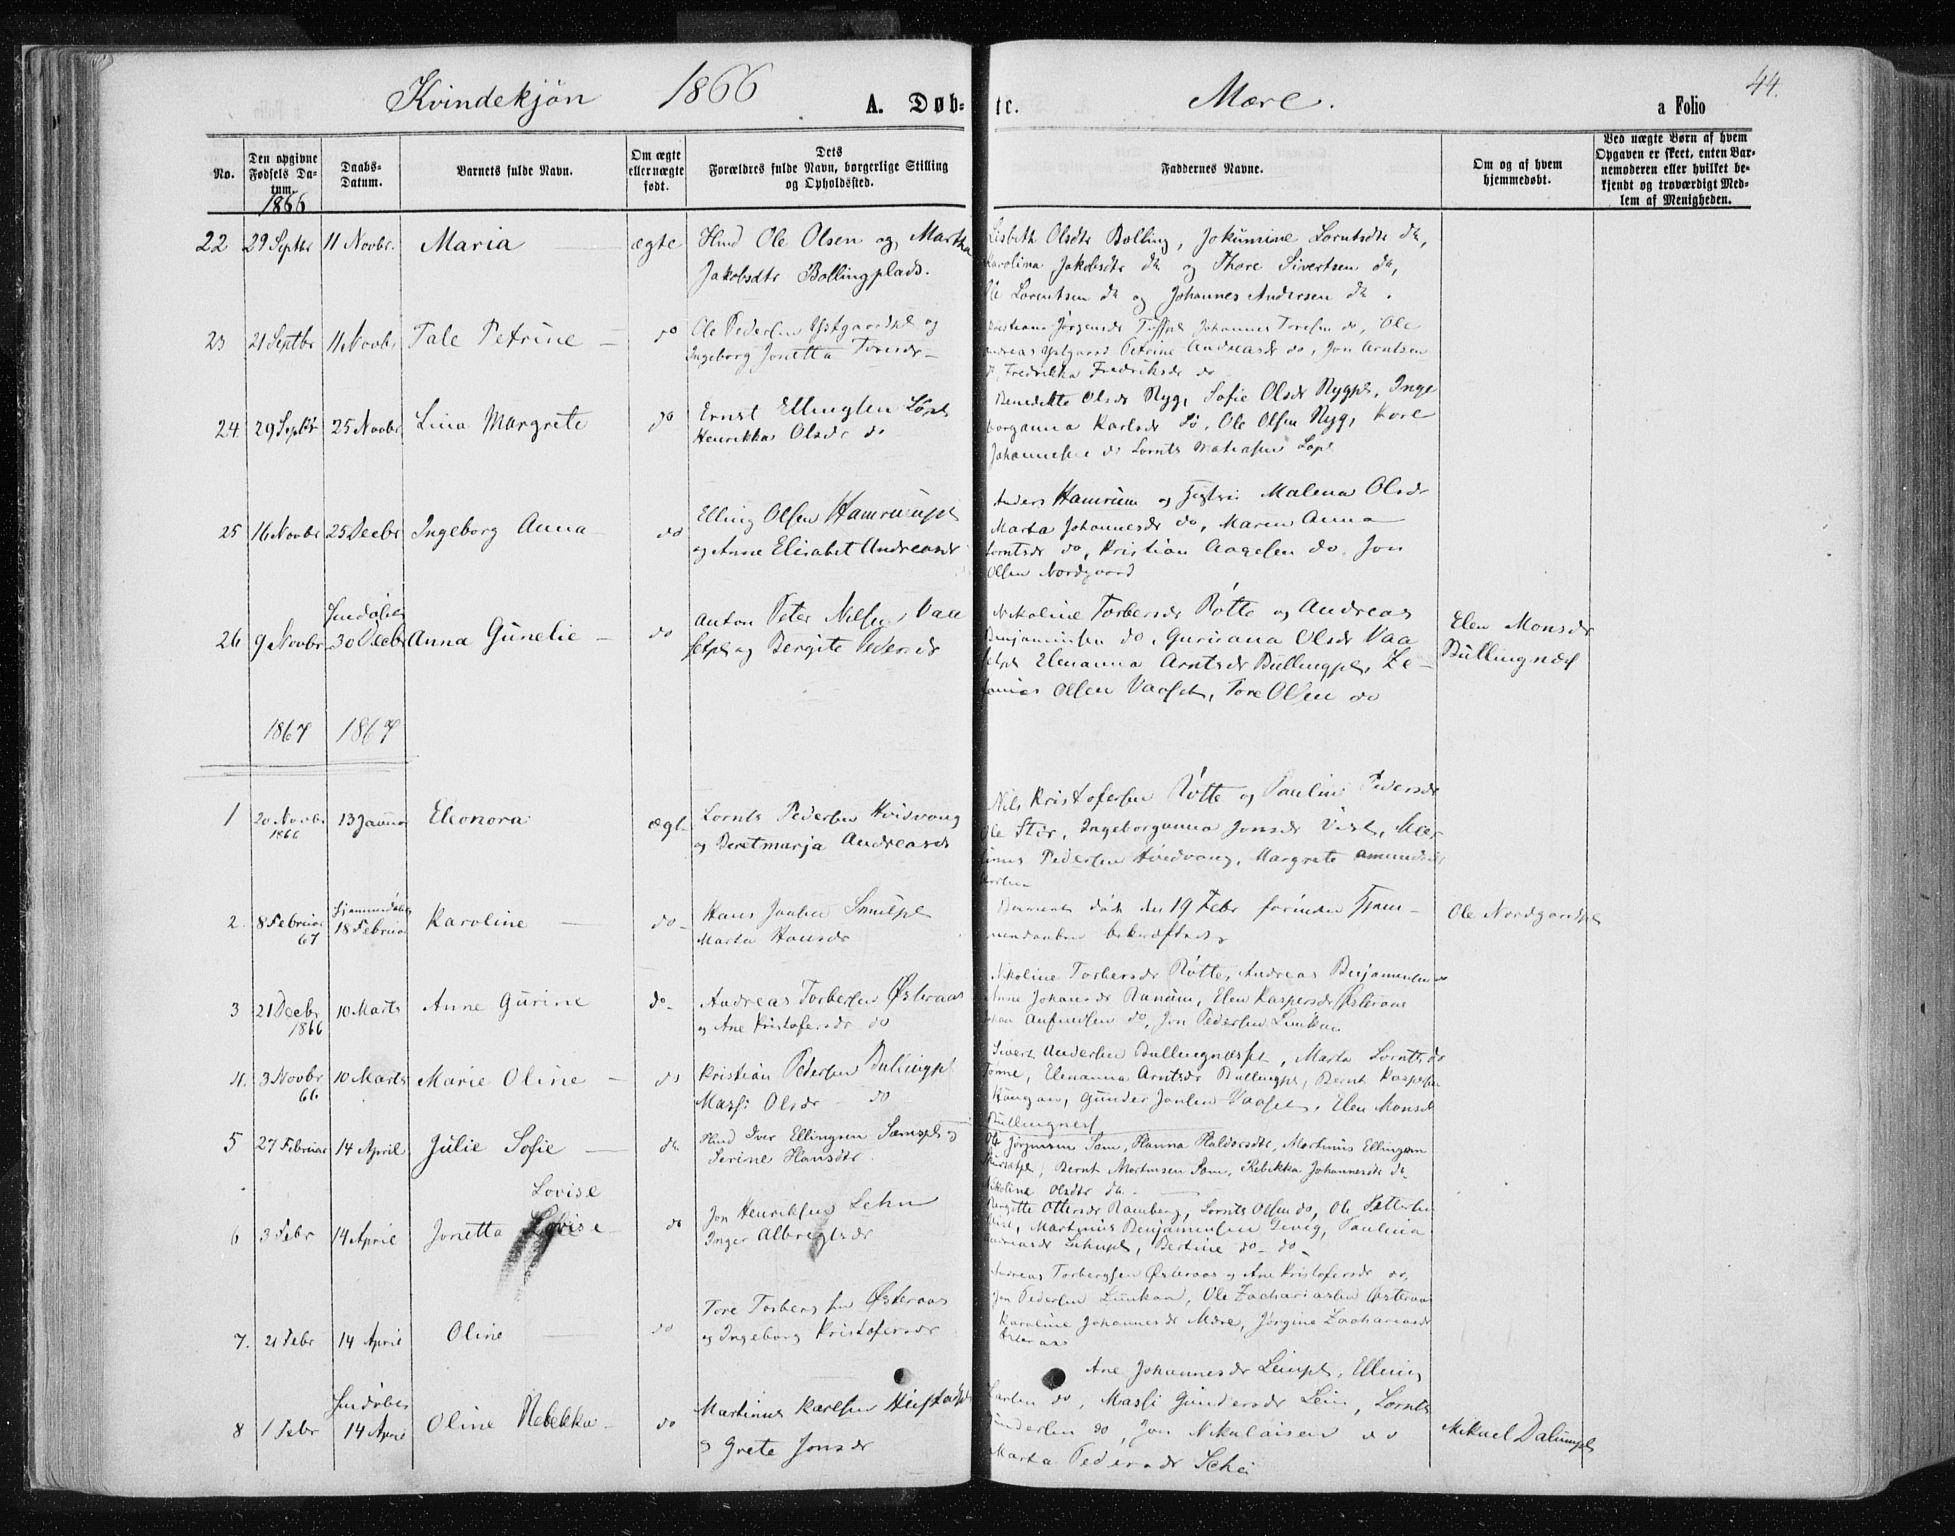 SAT, Ministerialprotokoller, klokkerbøker og fødselsregistre - Nord-Trøndelag, 735/L0345: Ministerialbok nr. 735A08 /1, 1863-1872, s. 44